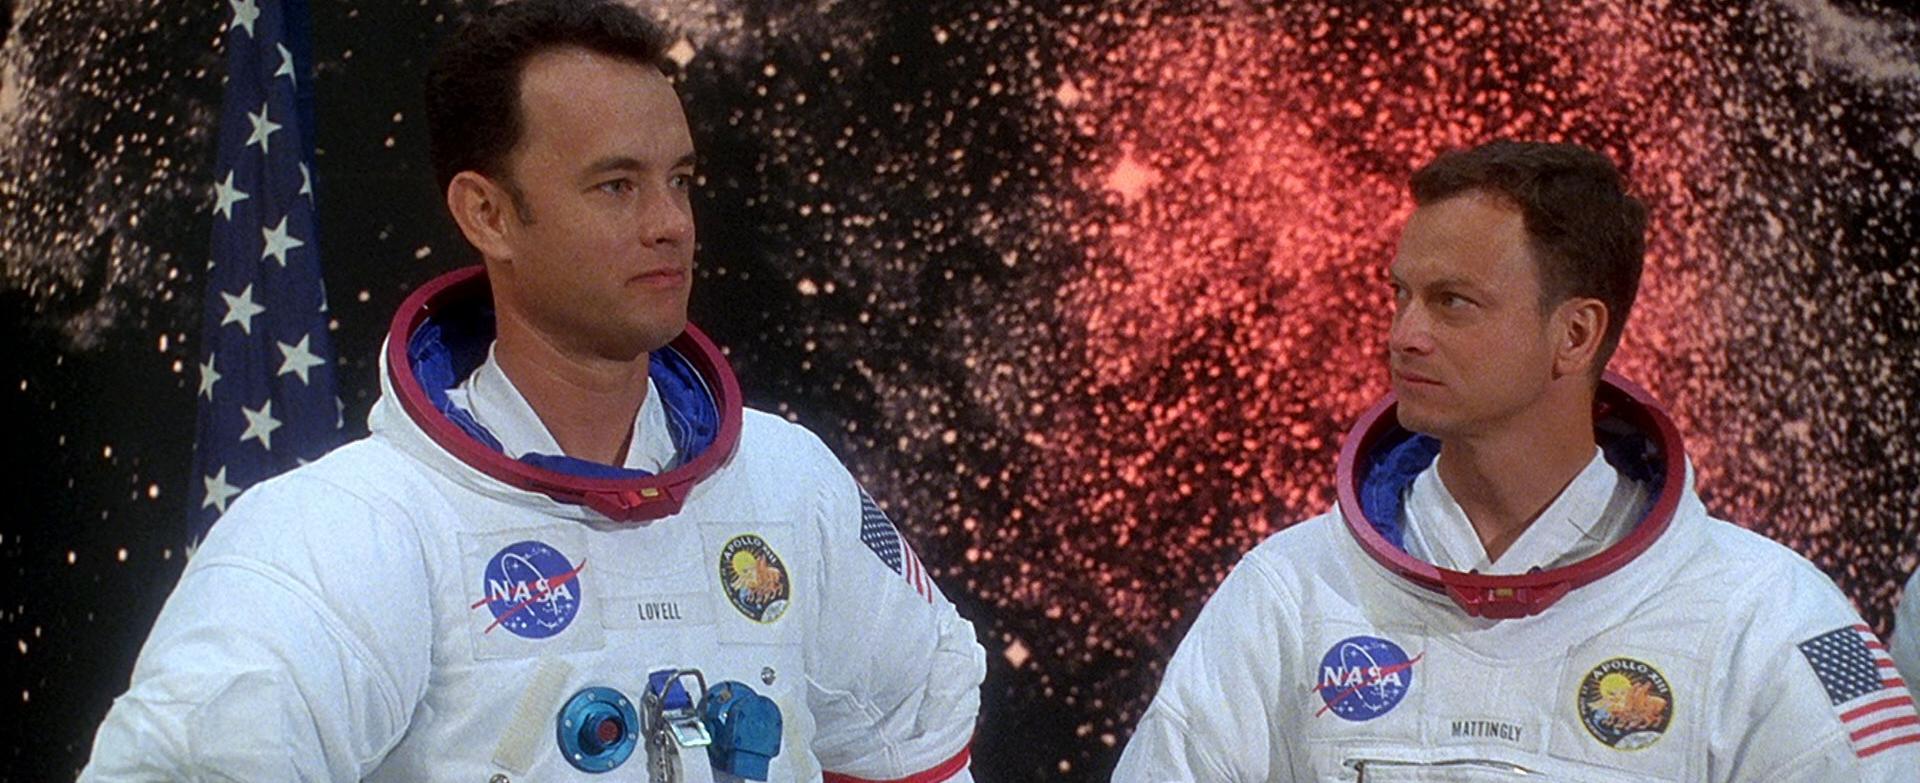 8. Apollo 13 -